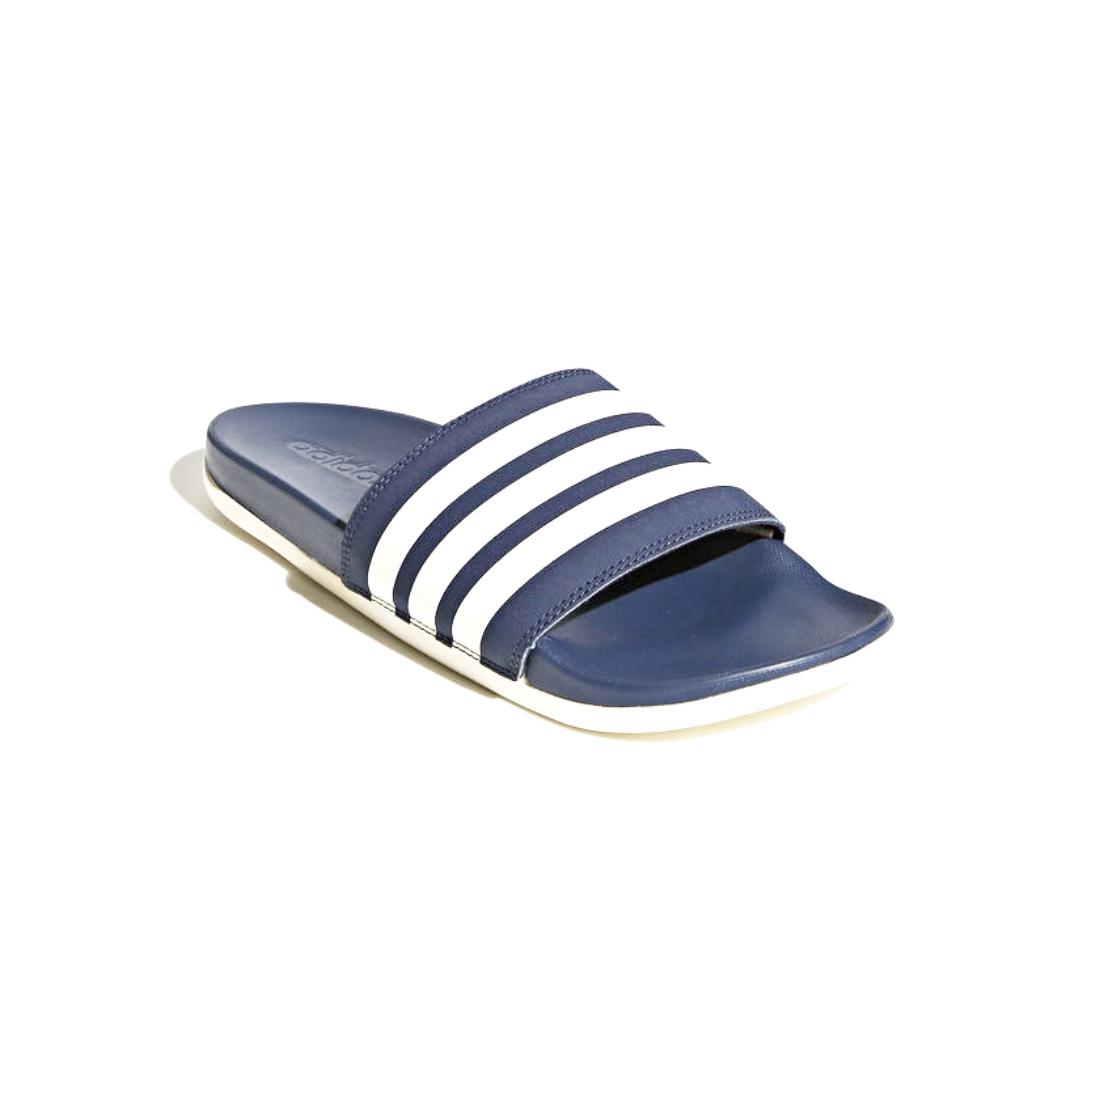 reputable site b2a02 5d901 adidas Adilette Comfort Pantolette CF Hausschuhe AP9970 Navy. undefined